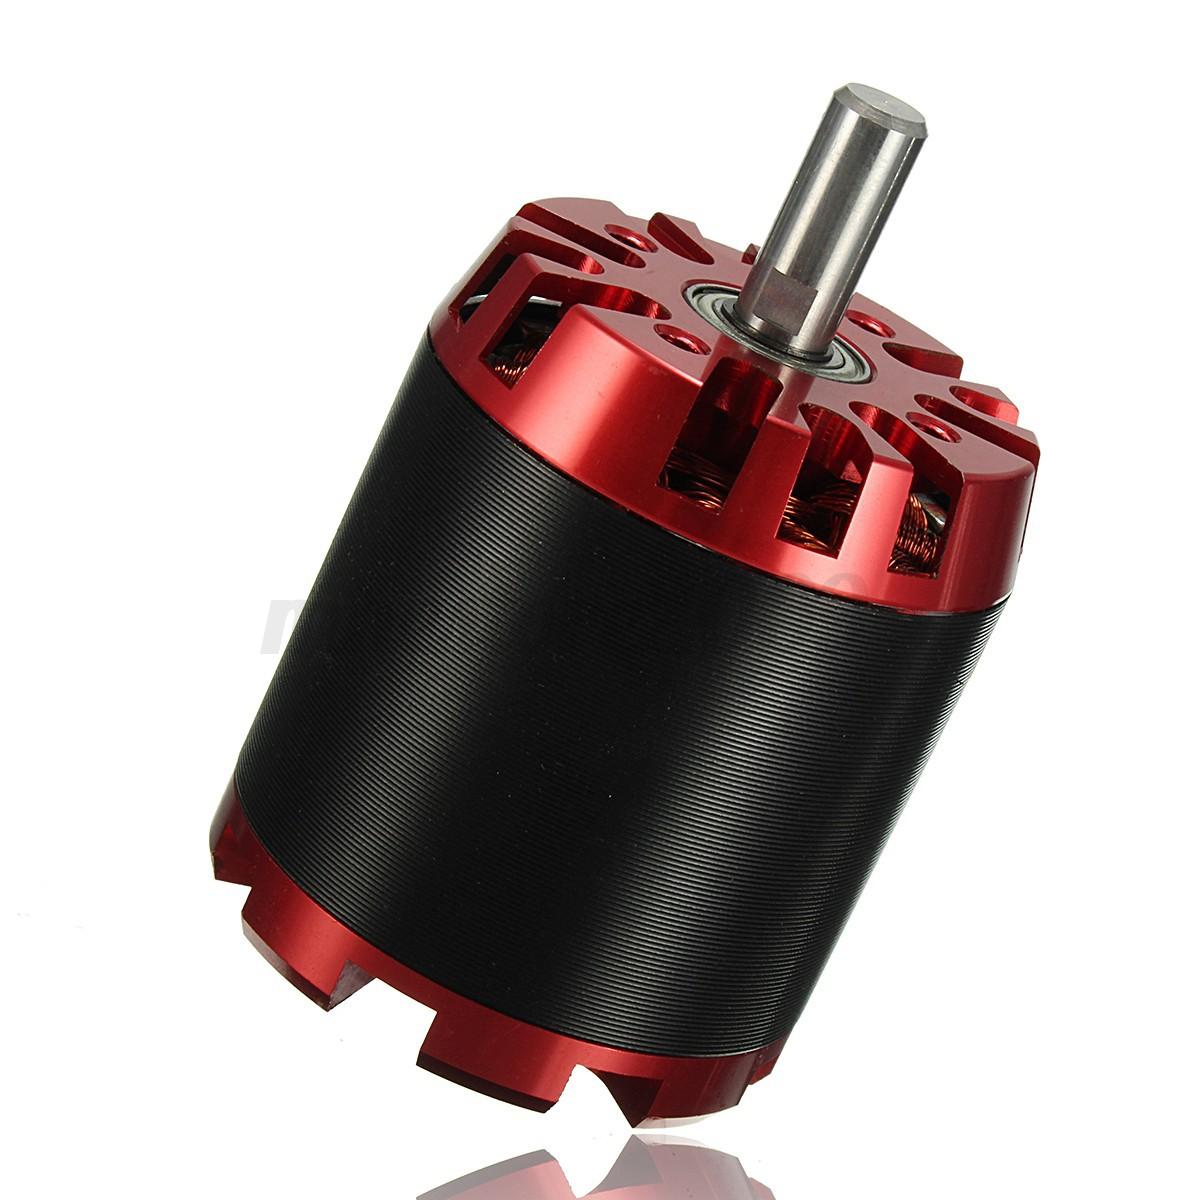 n5065 5065 270kv brushless motor for diy electric. Black Bedroom Furniture Sets. Home Design Ideas